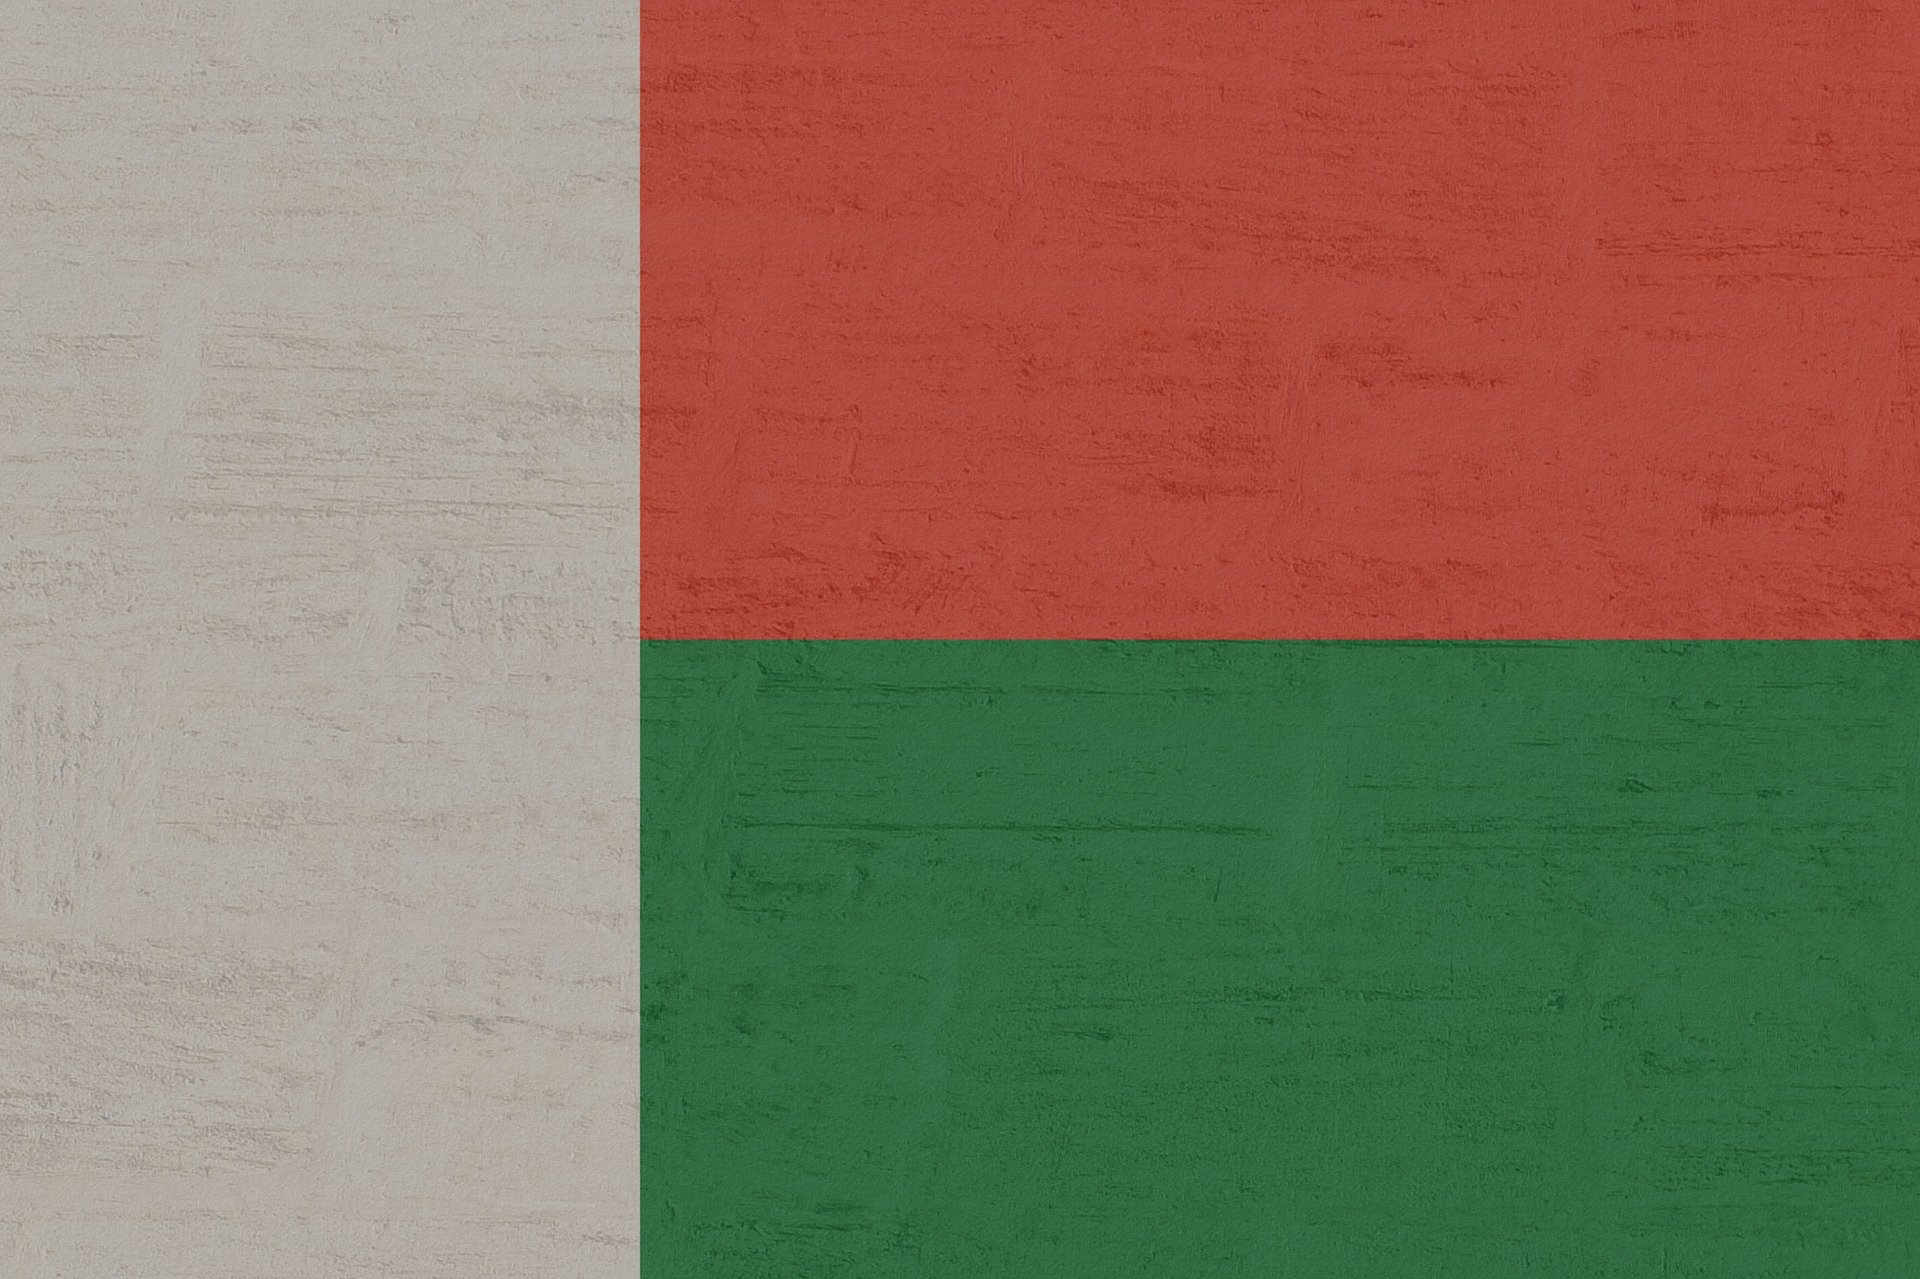 Trademark registration Madagascar